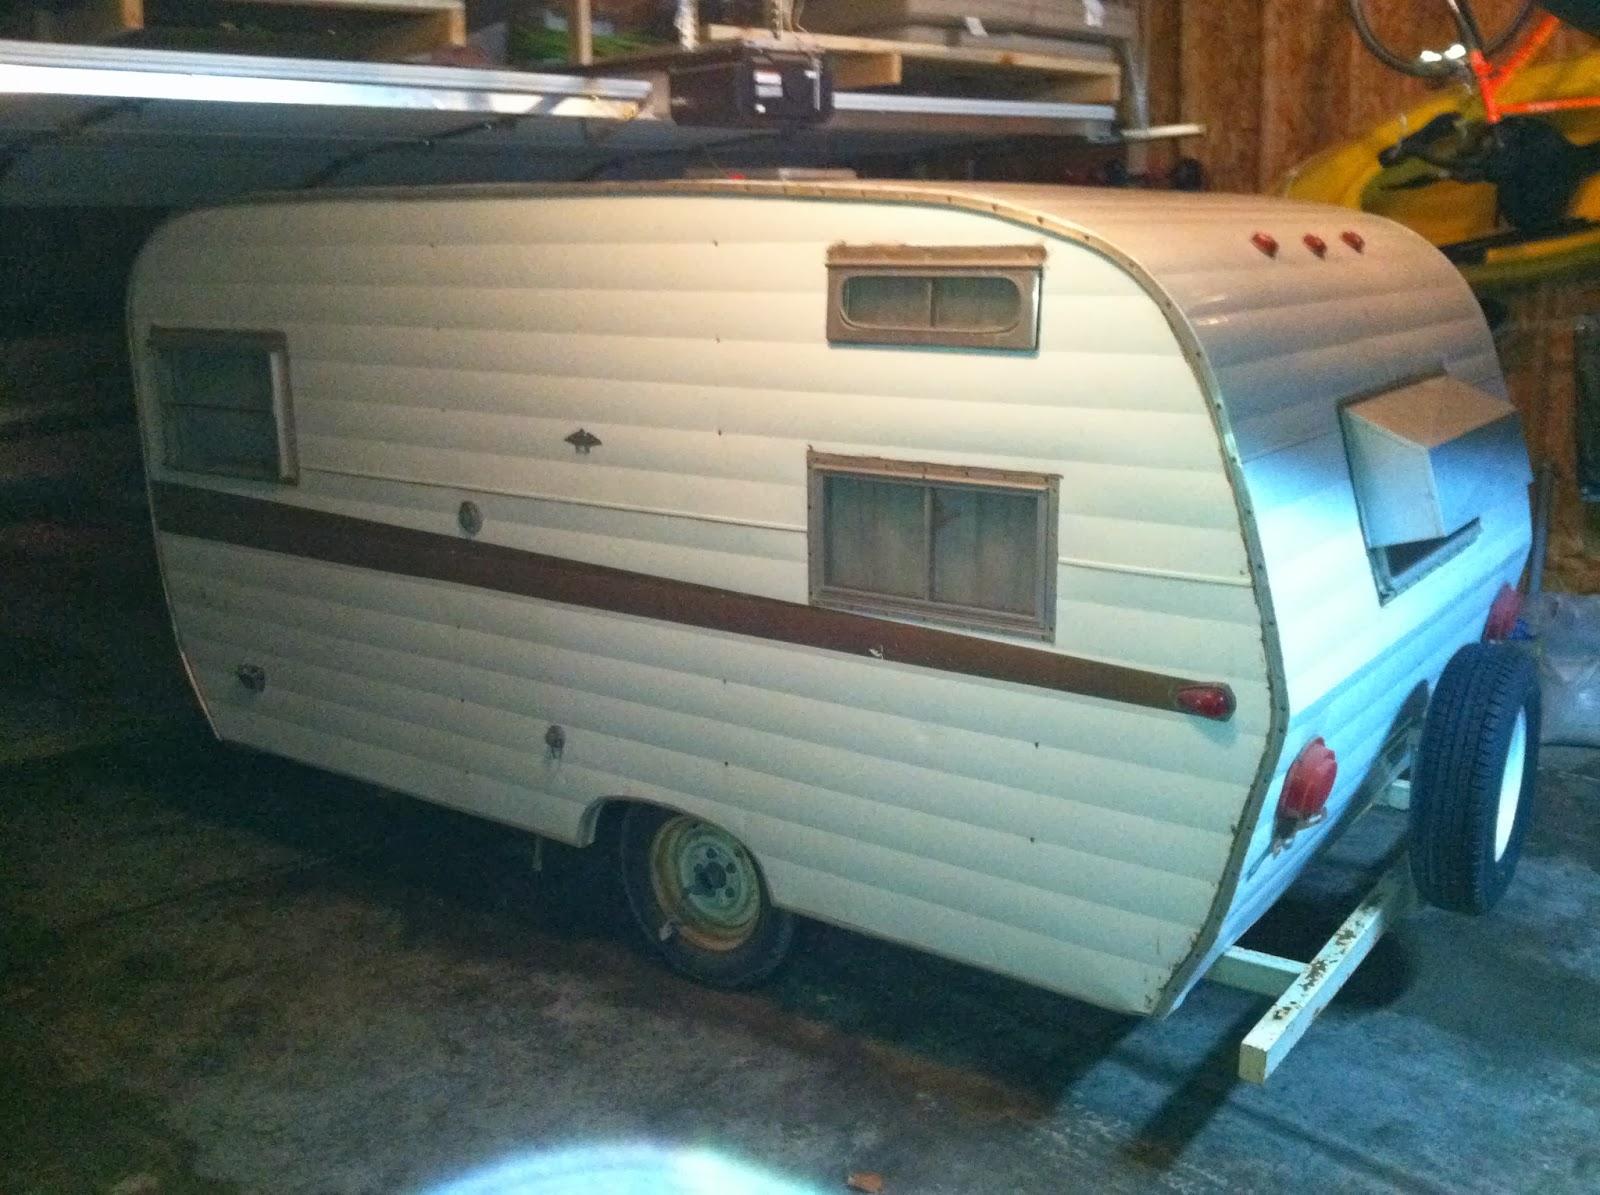 A Little Vintage Camper A Story Of Restoration